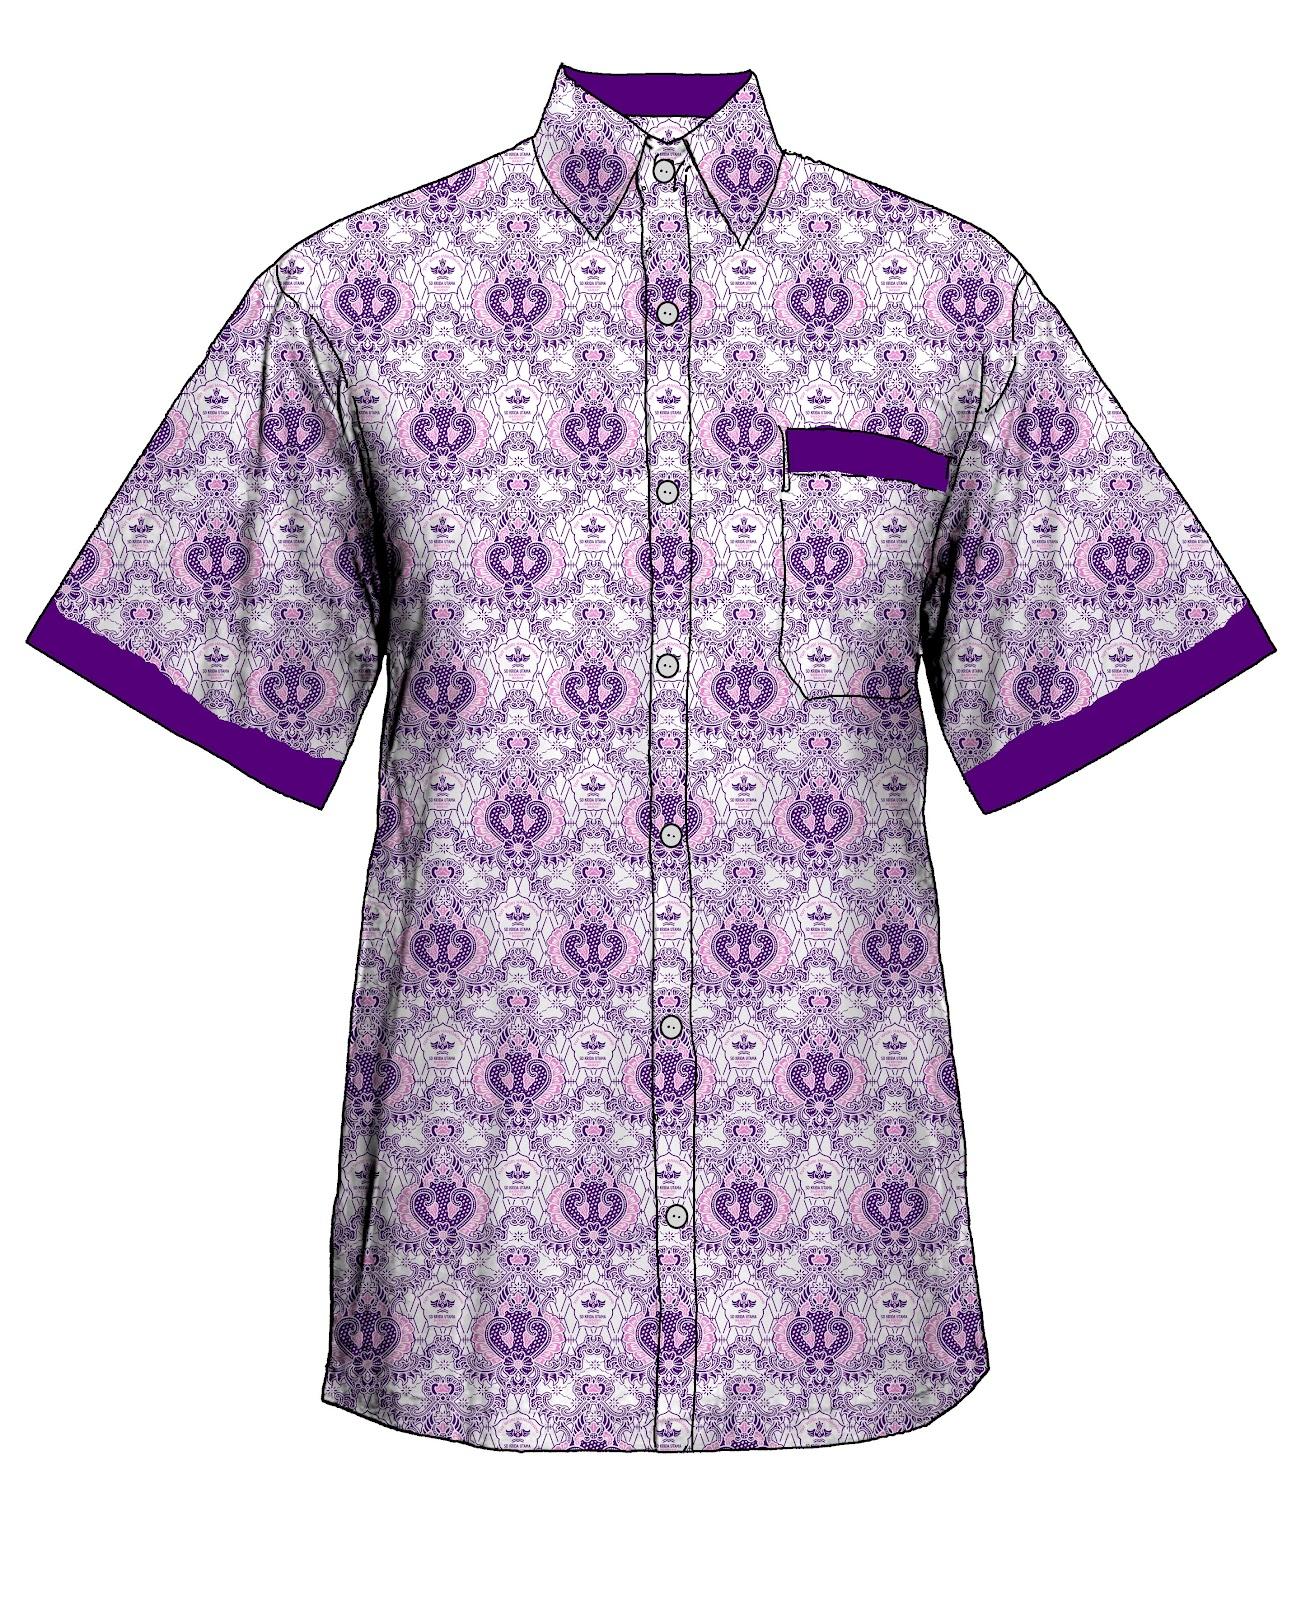 Contoh Baju Seragam Batik Sekolah: 7+ Model Baju Batik Seragam Sekolah Modern Terbaru 2016